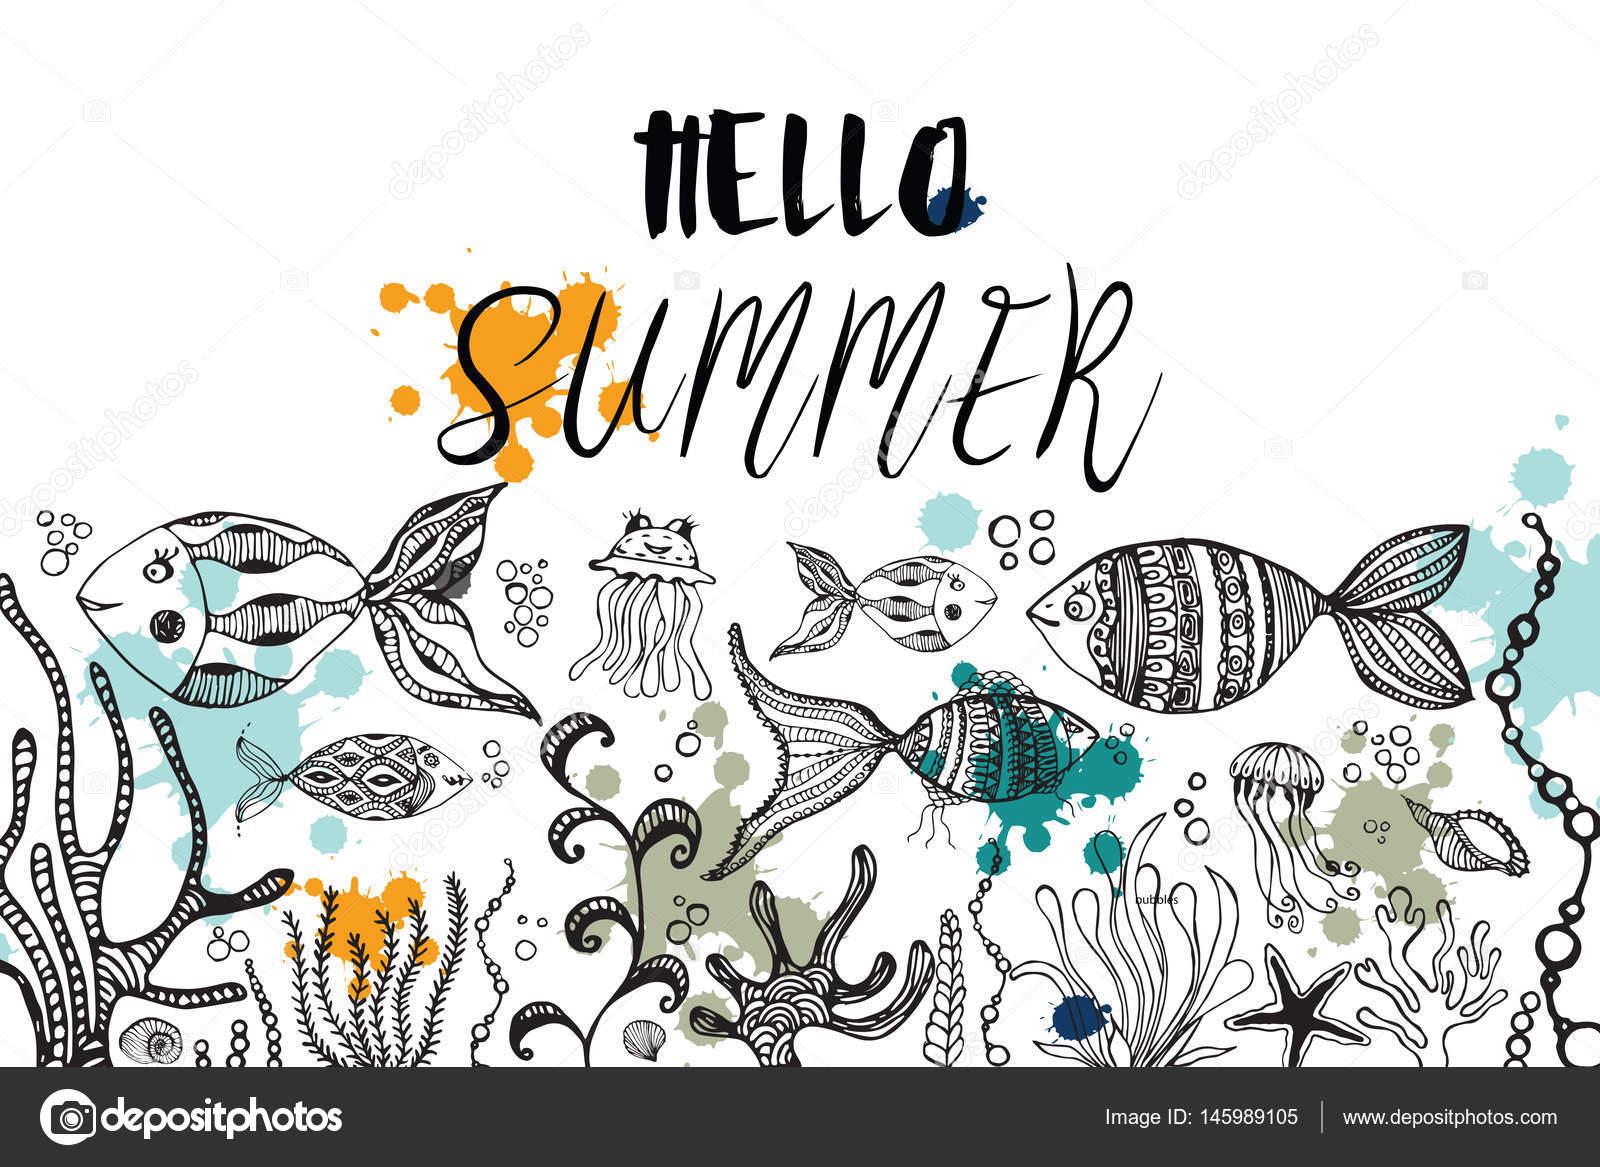 涂鸦抽象装饰夏天矢量帧.贺卡设计.鱼和美杜莎, 贝壳和海藻